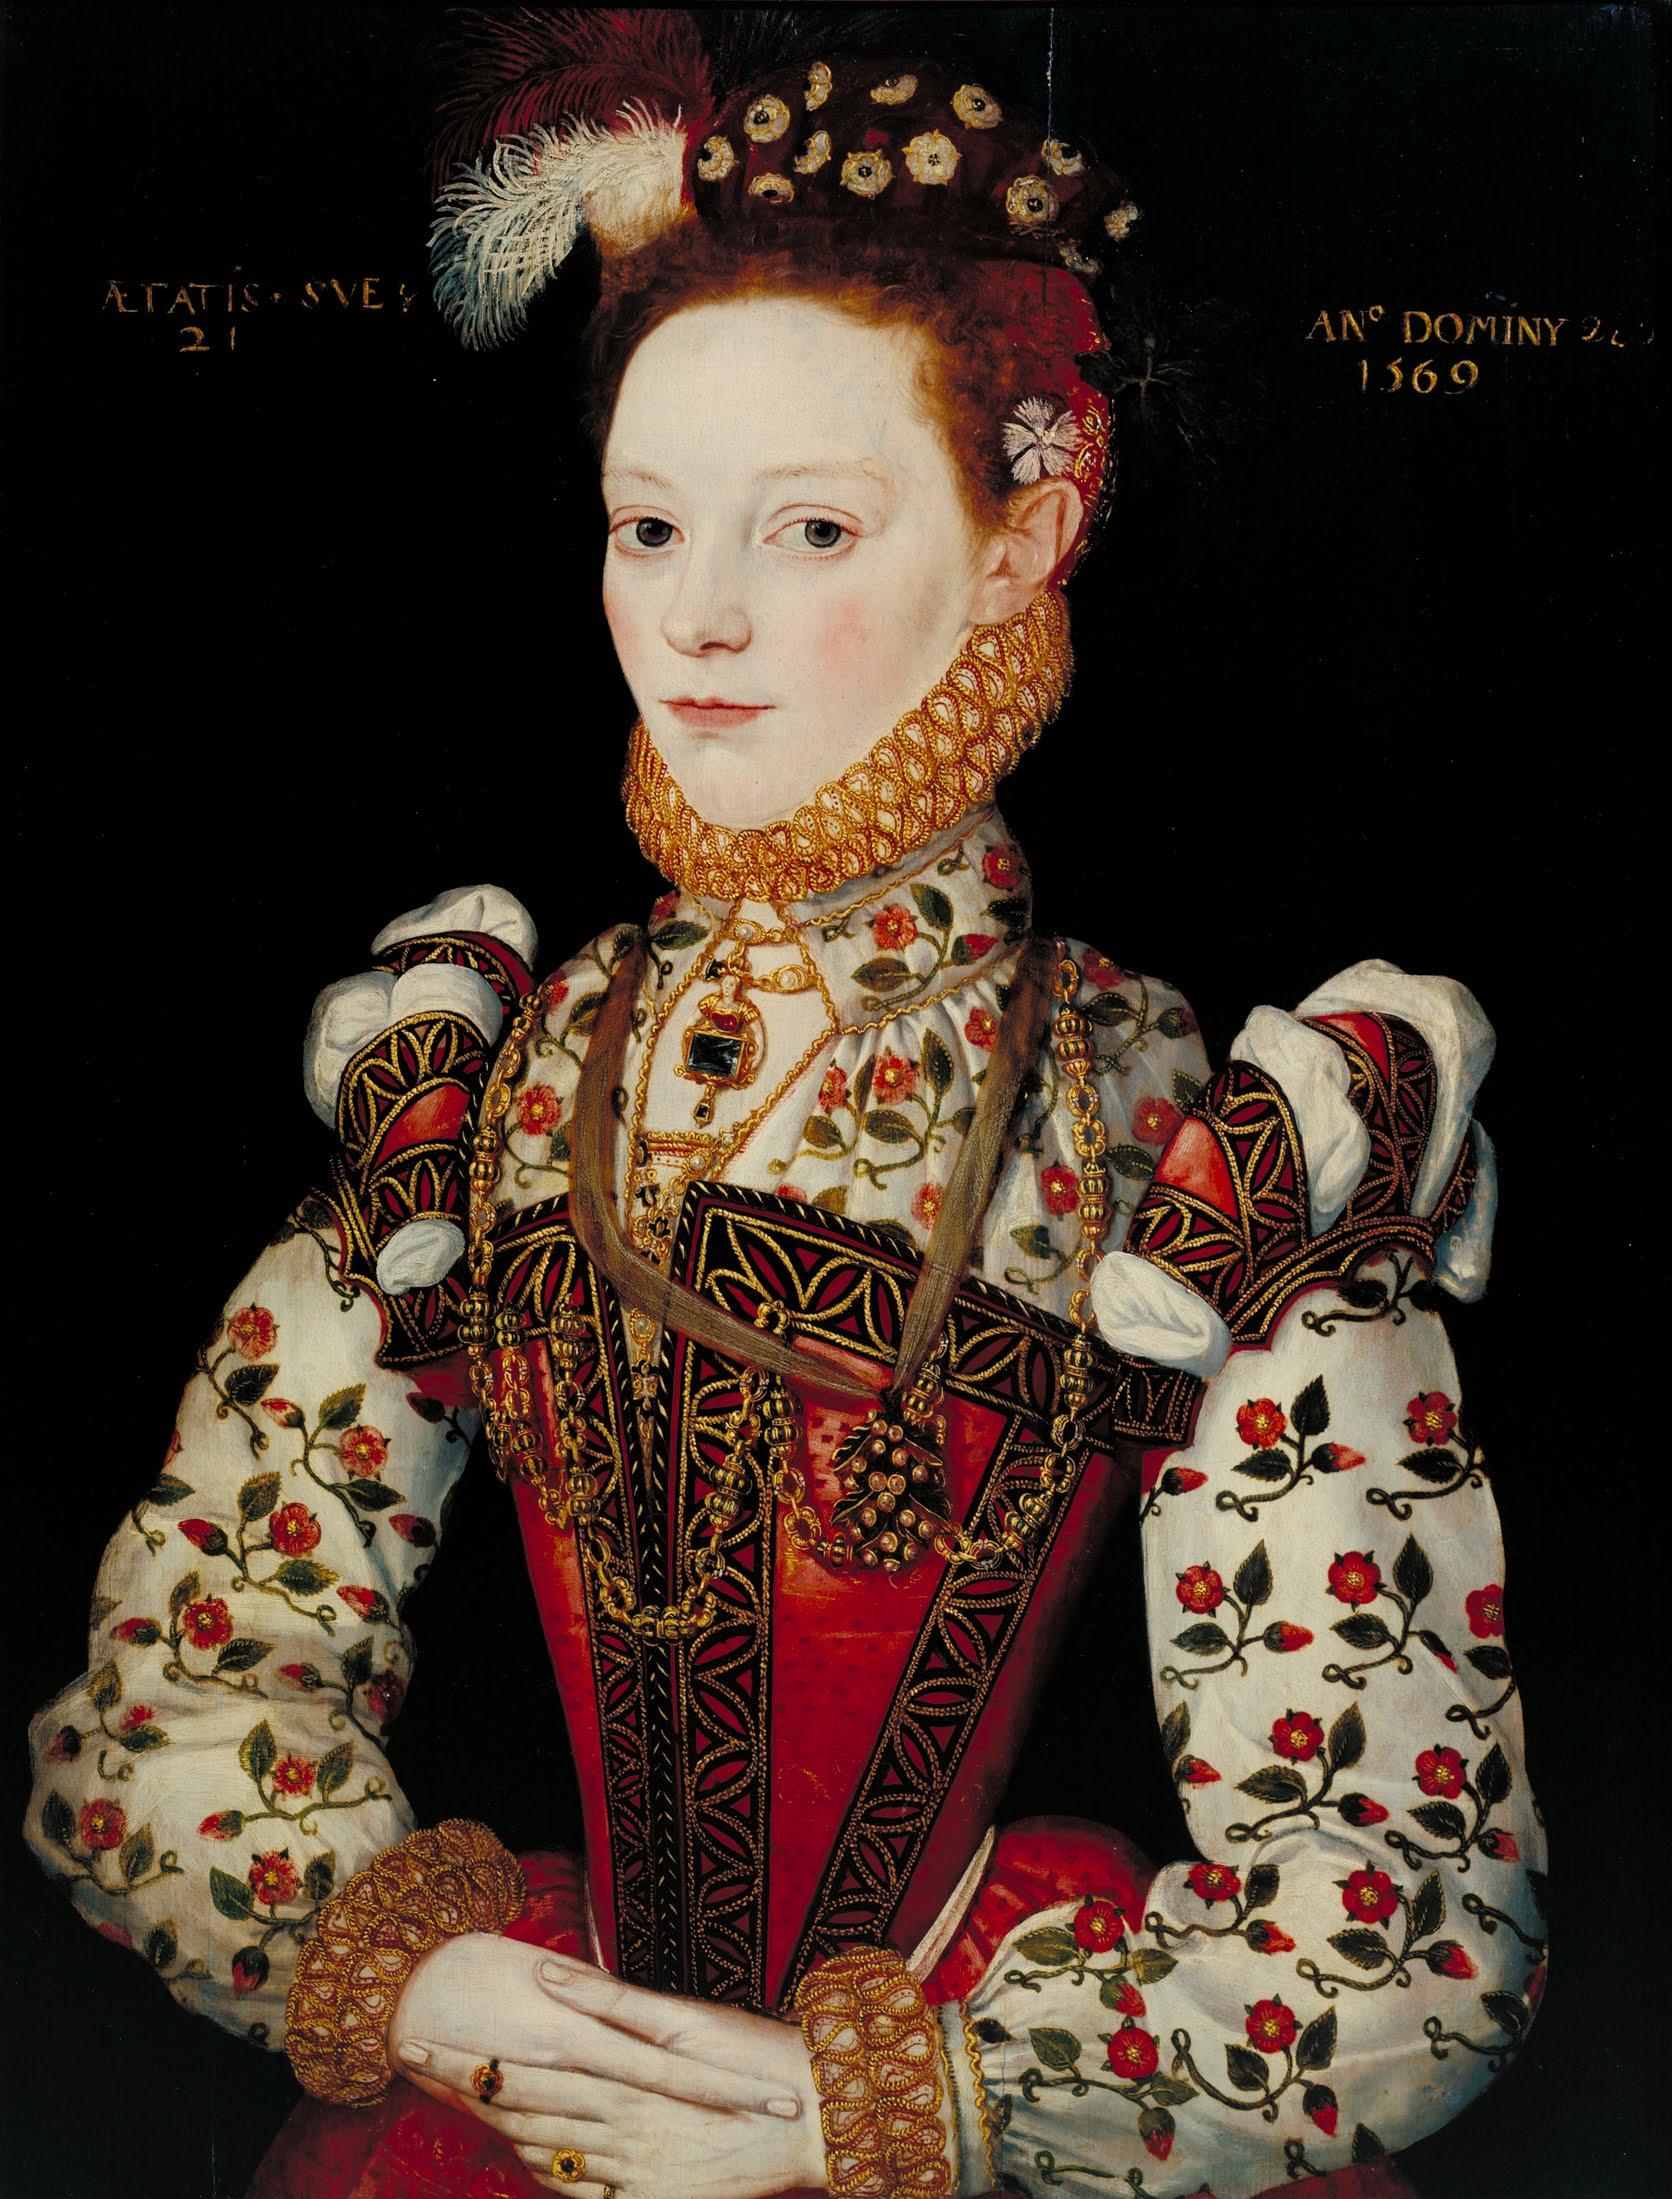 Porträttmålning möjligtvis föreställande Helena Snakenborg. Okänd konstnär, 1569. Bildkälla: Wikimedia Commons